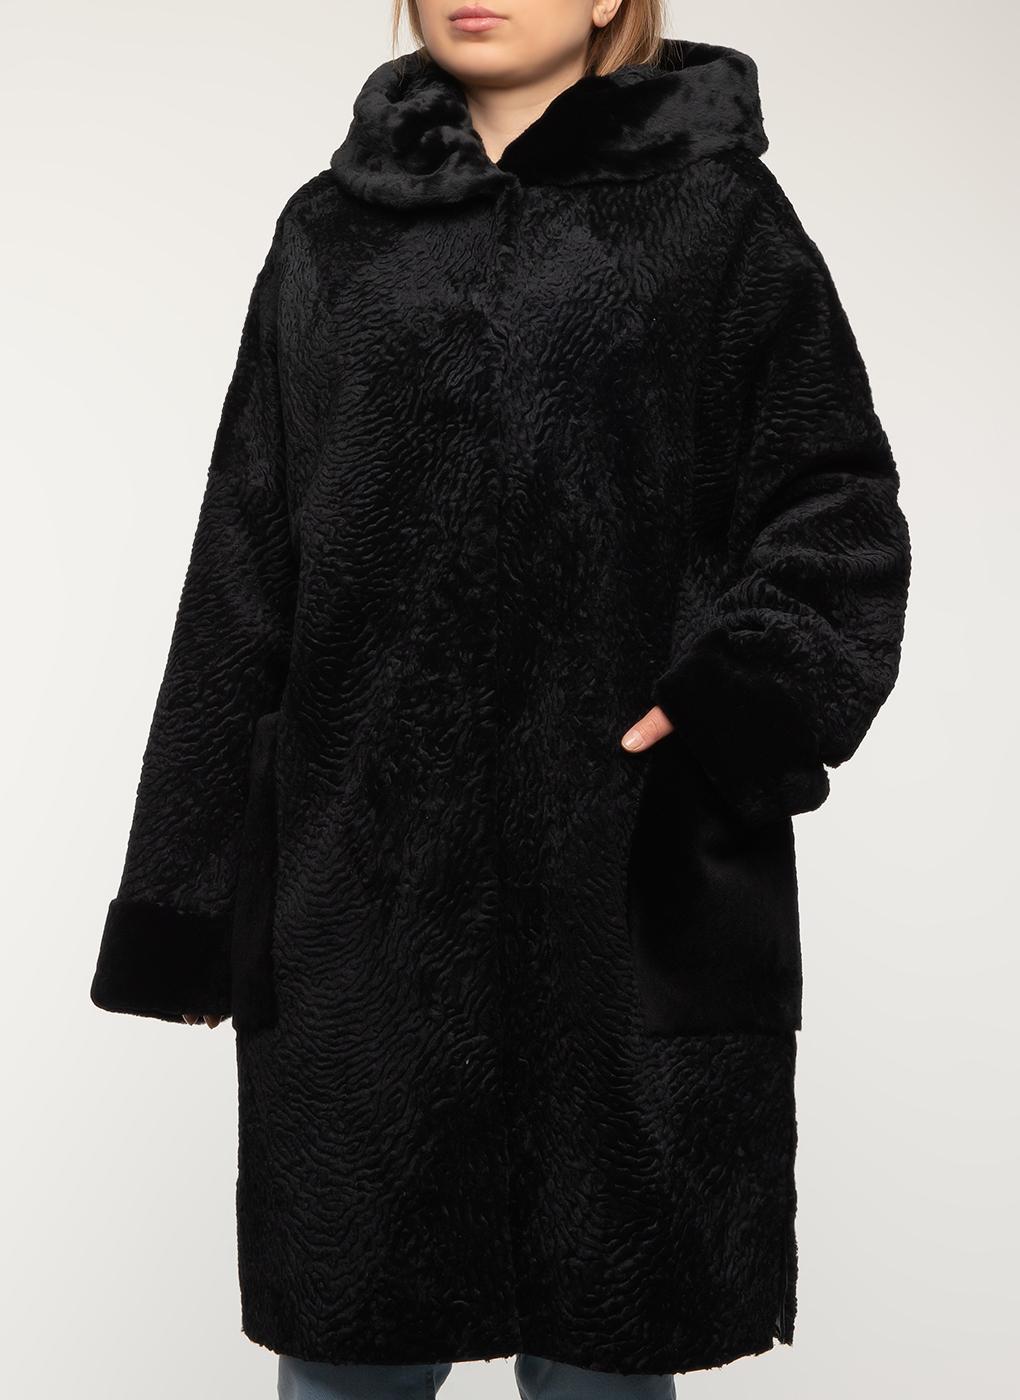 Пальто из овчины 20, FAVORIT фото